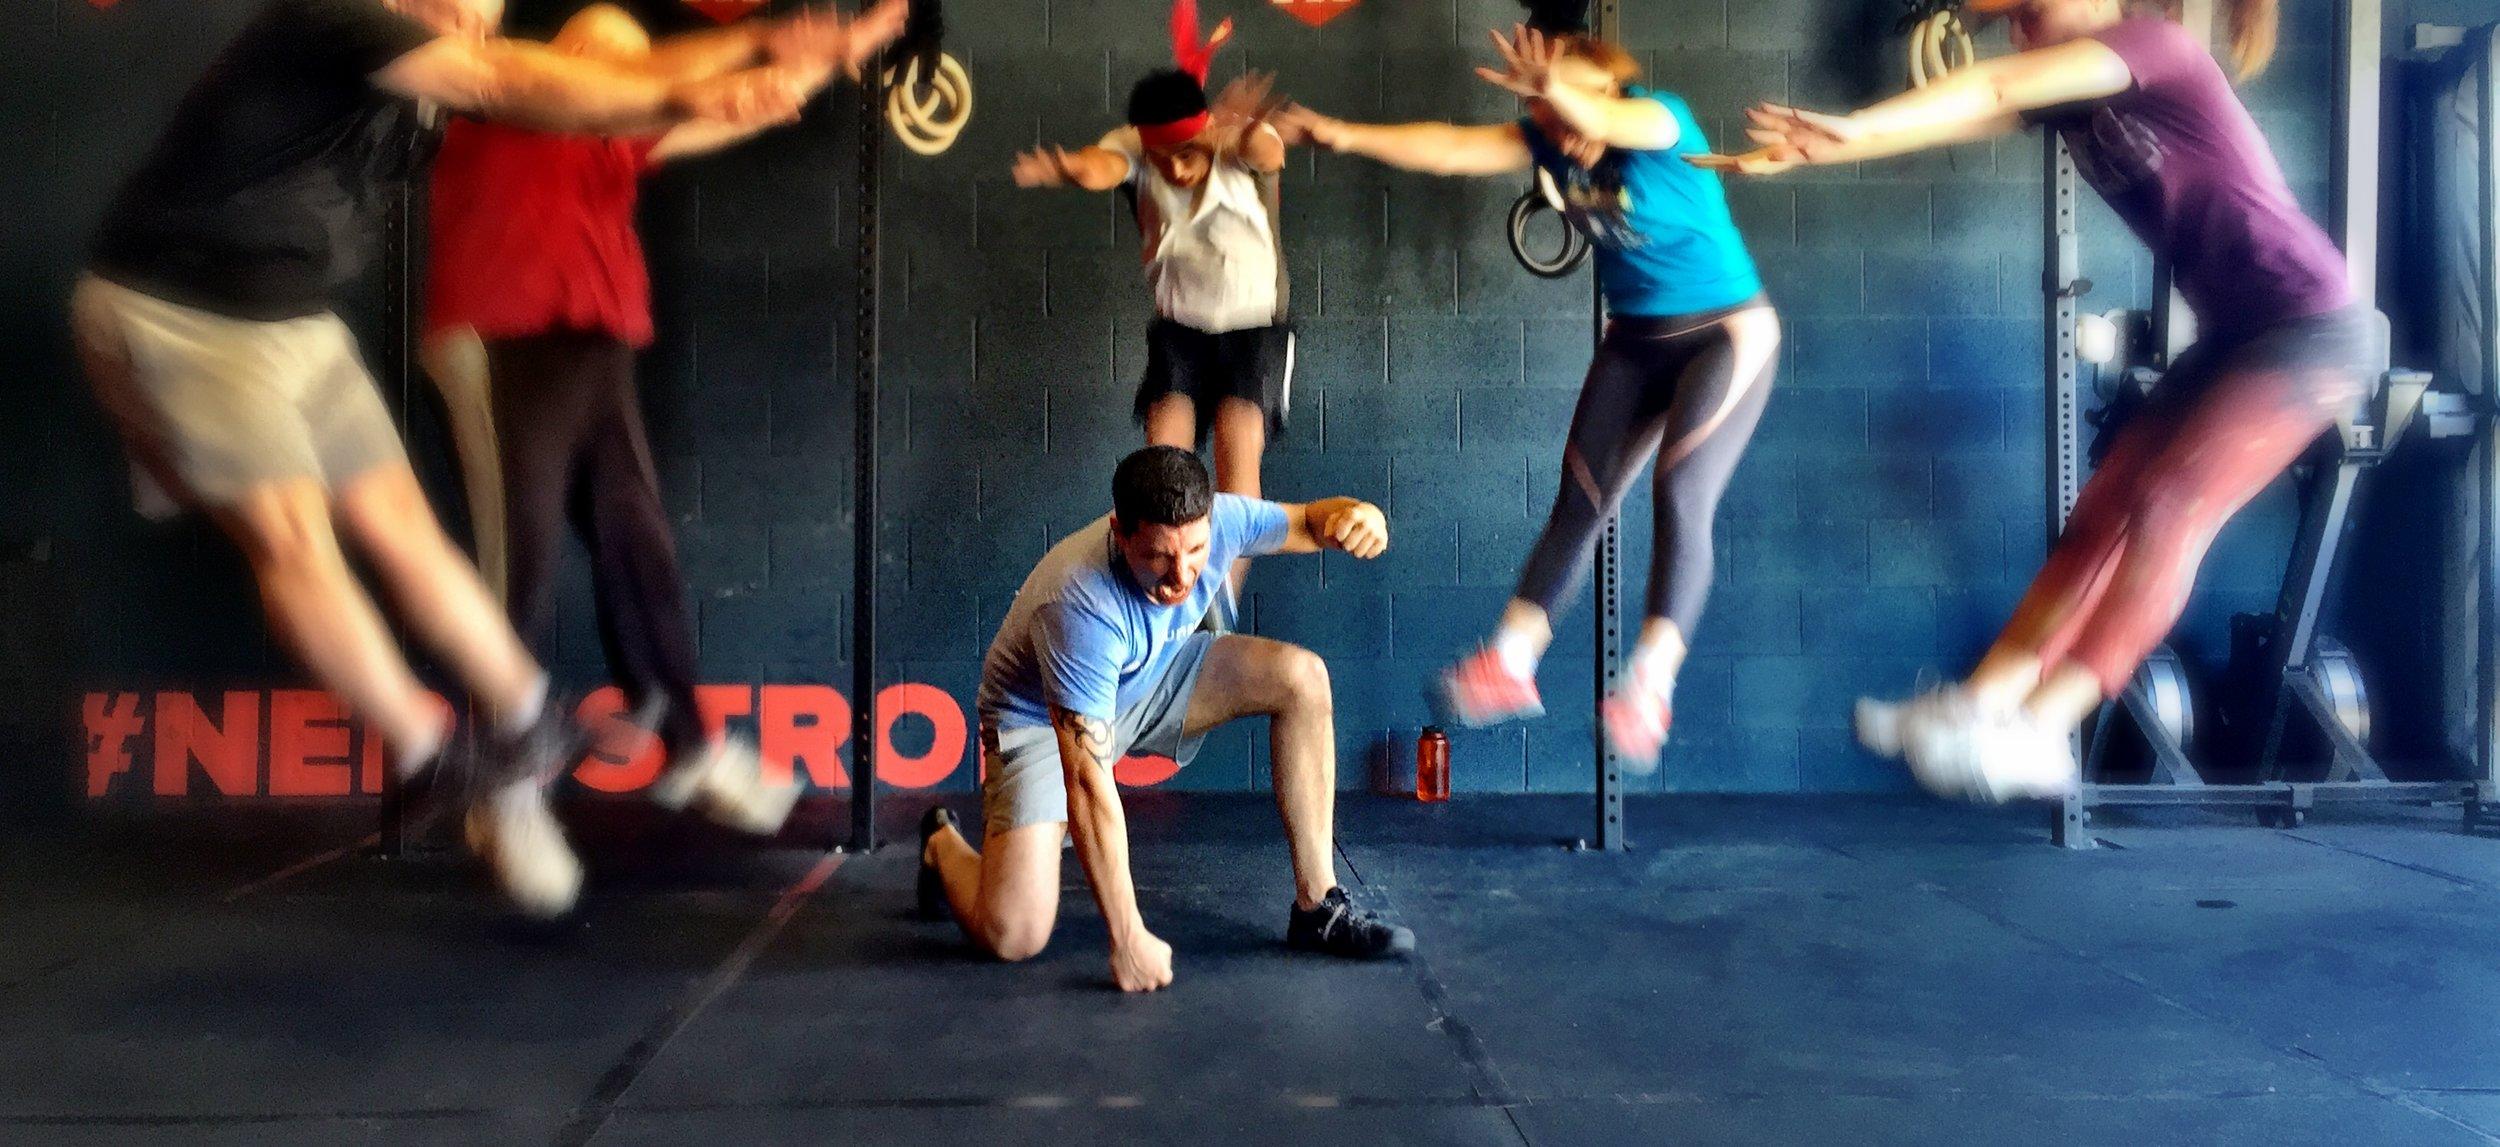 Nerdstrong Gym Superhero landing